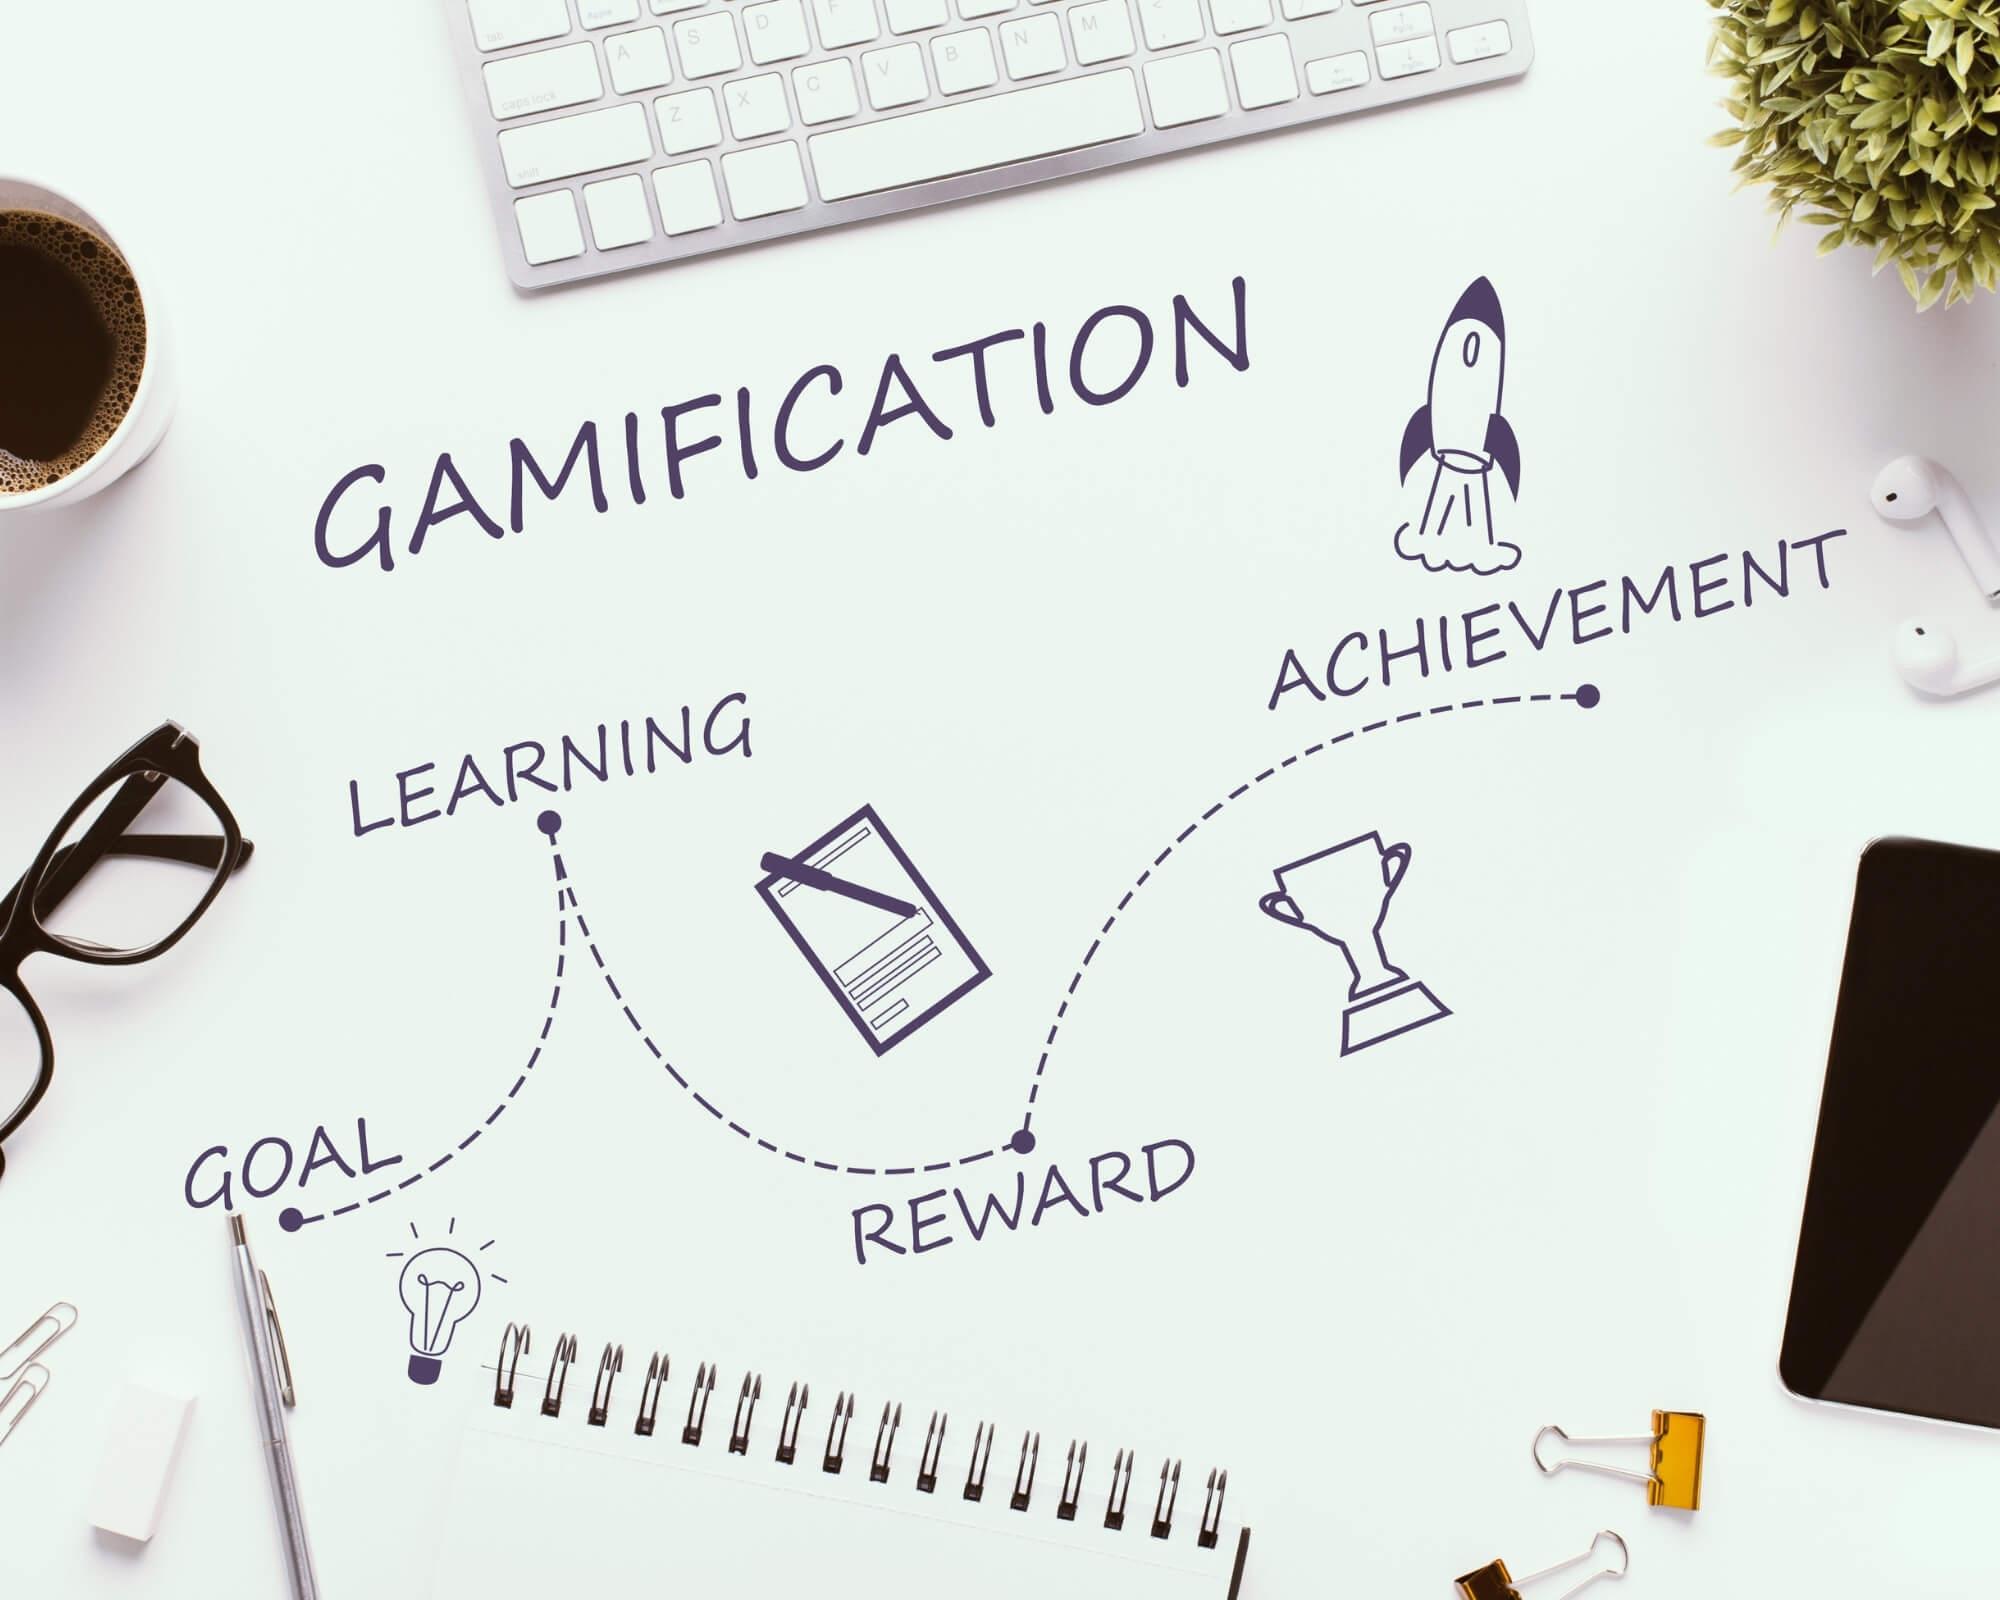 la gamificación refuerza la estrategia de marketing de muchos ecommerce